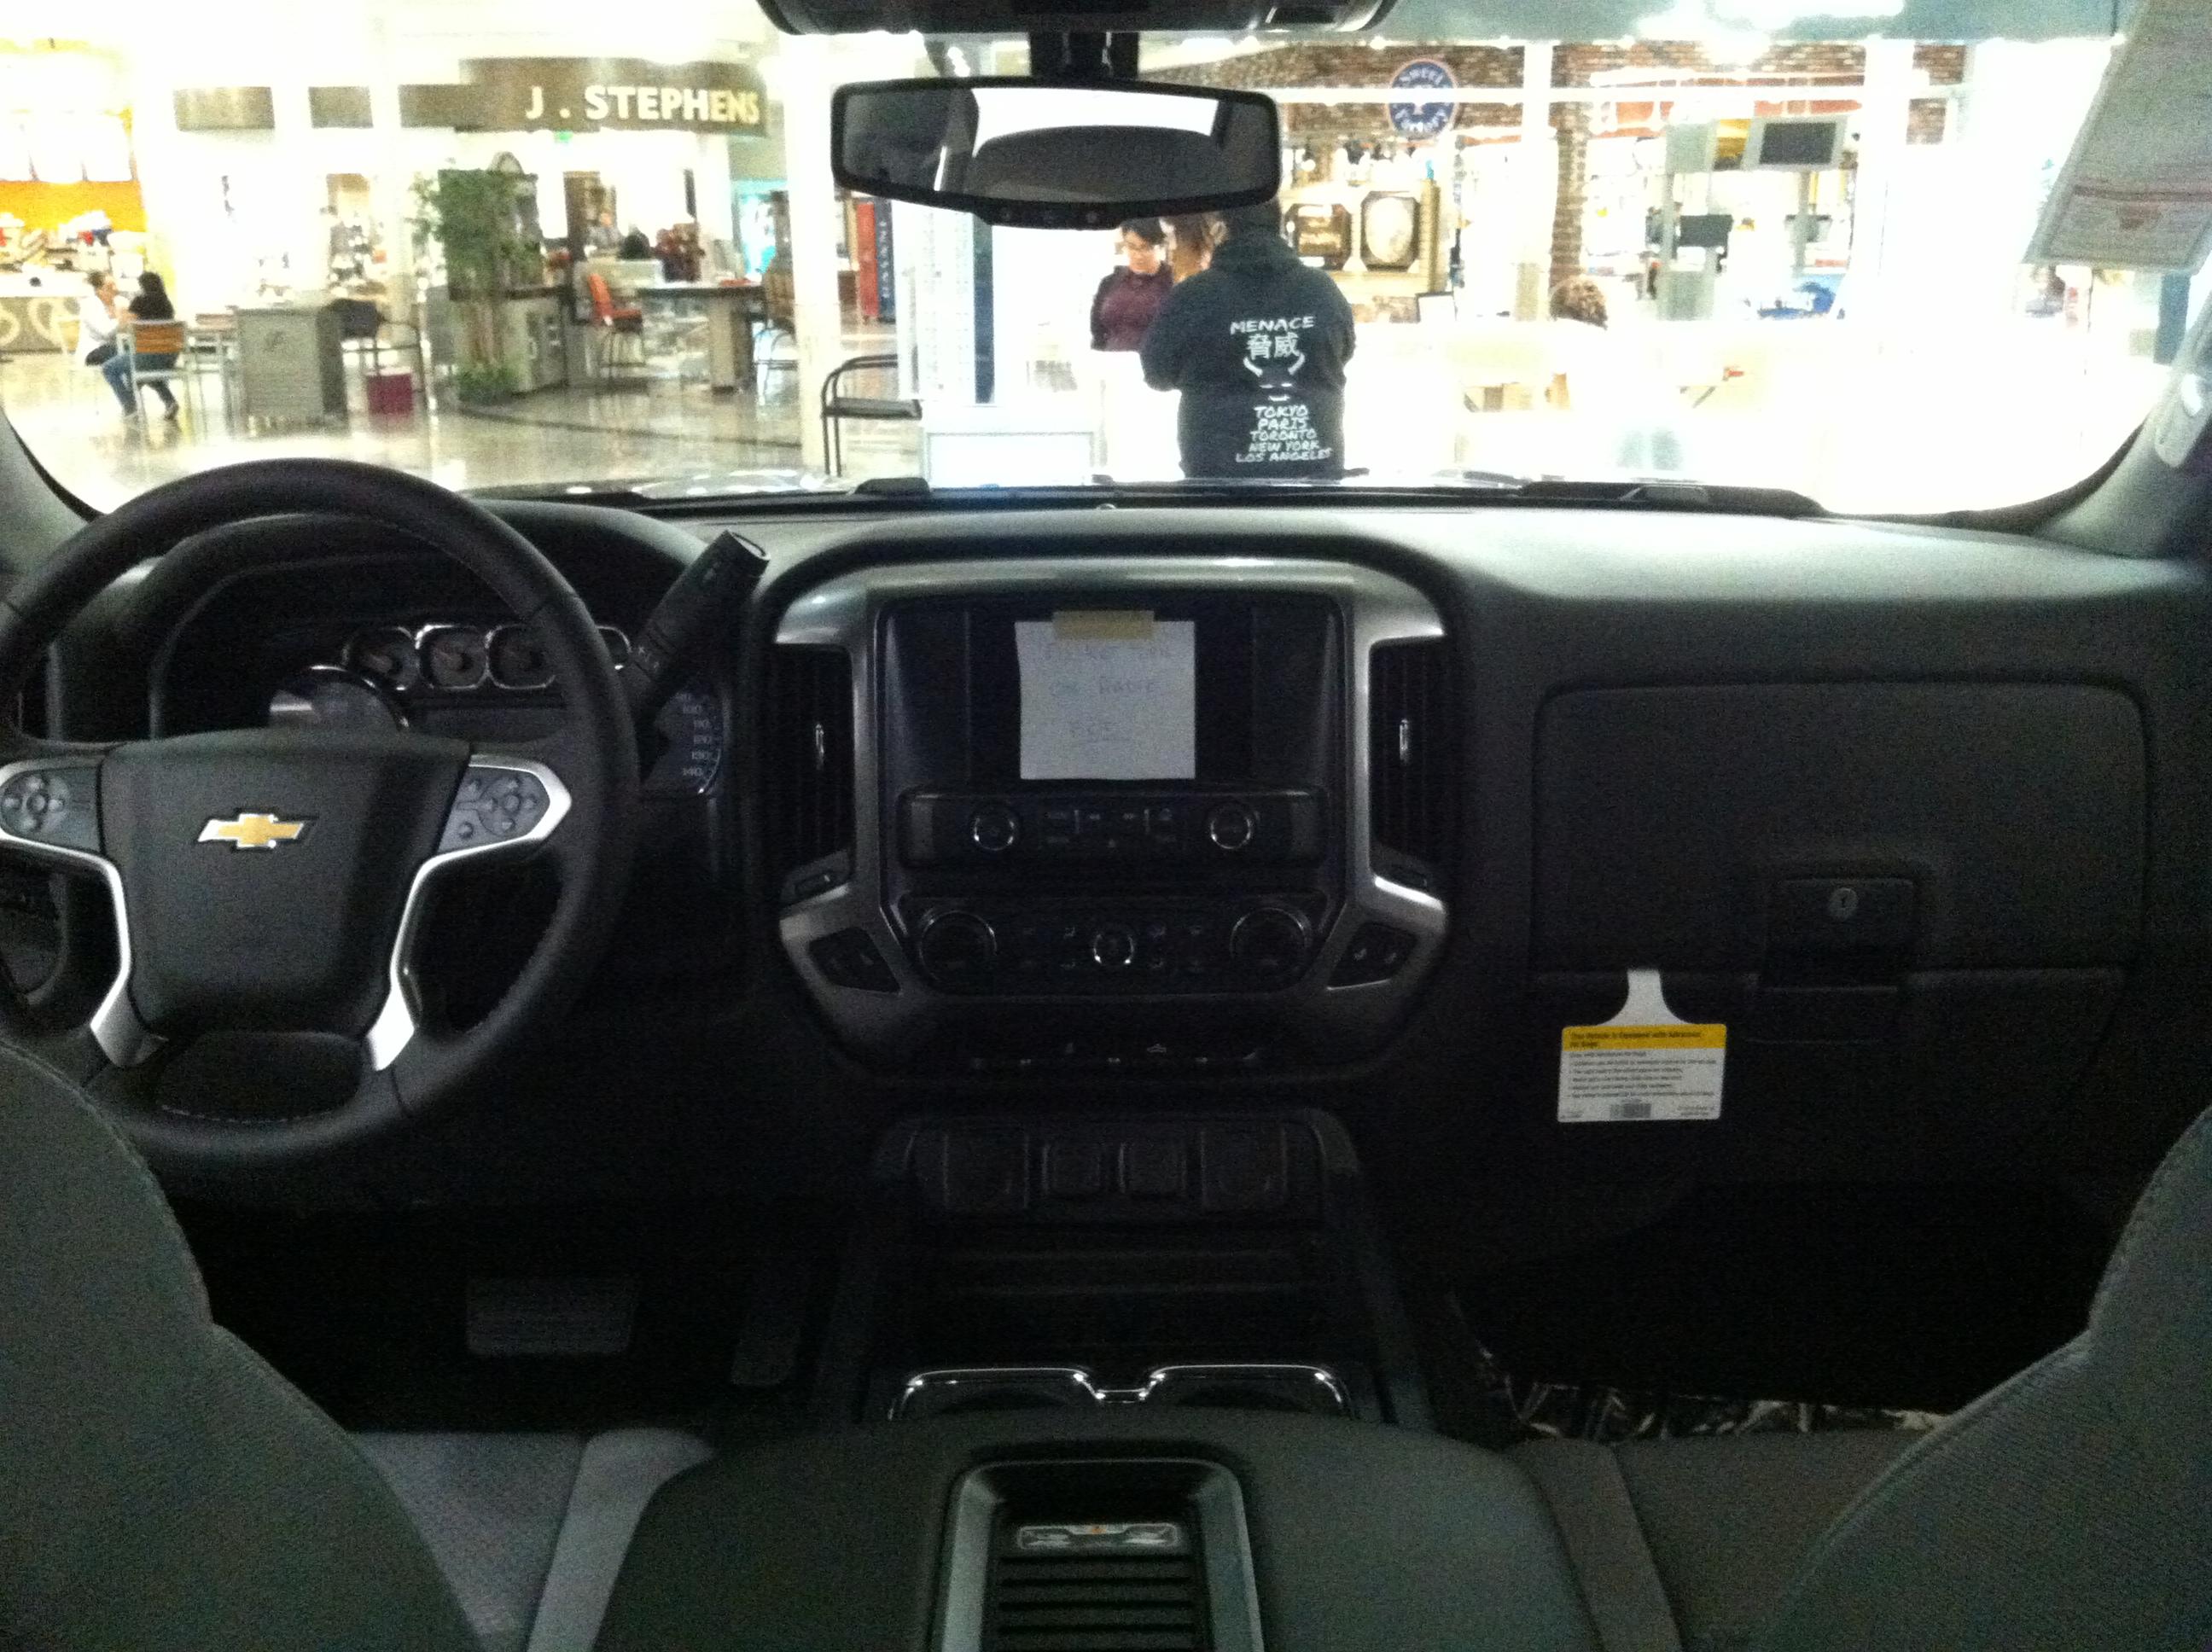 File Chevrolet Silverado 2017 Pickup Truck Interior Jpg Wikimedia